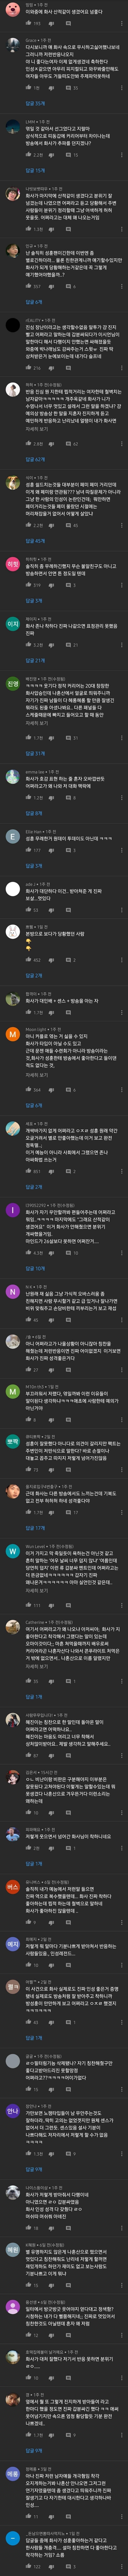 나혼자산다 성훈 유튜브 댓글 근황... | 인스티즈